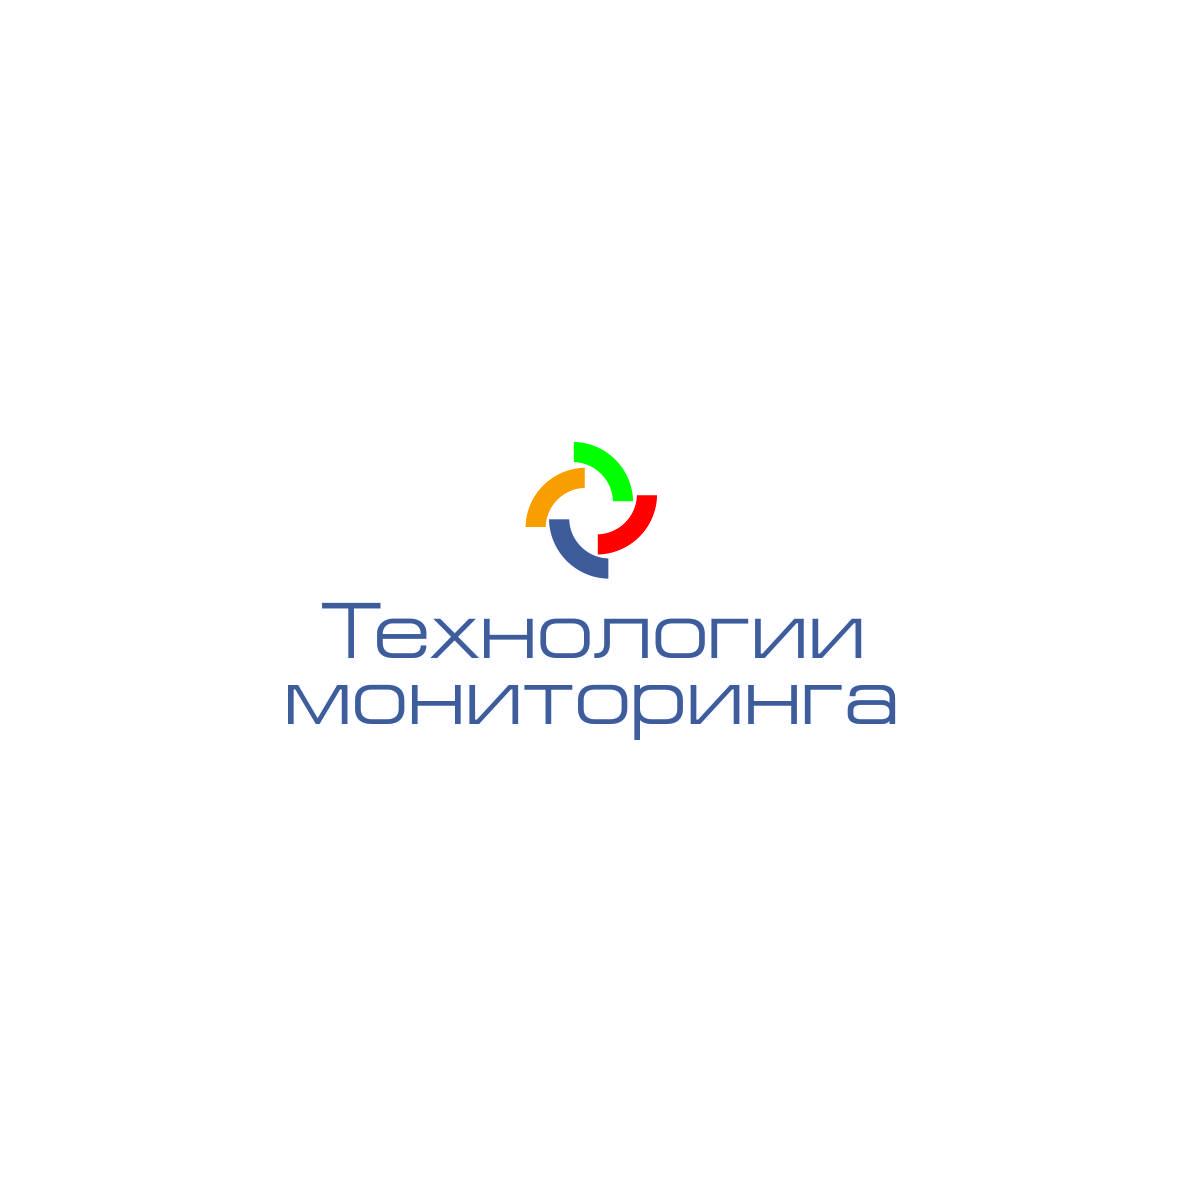 Разработка логотипа фото f_066596df7c798771.jpg